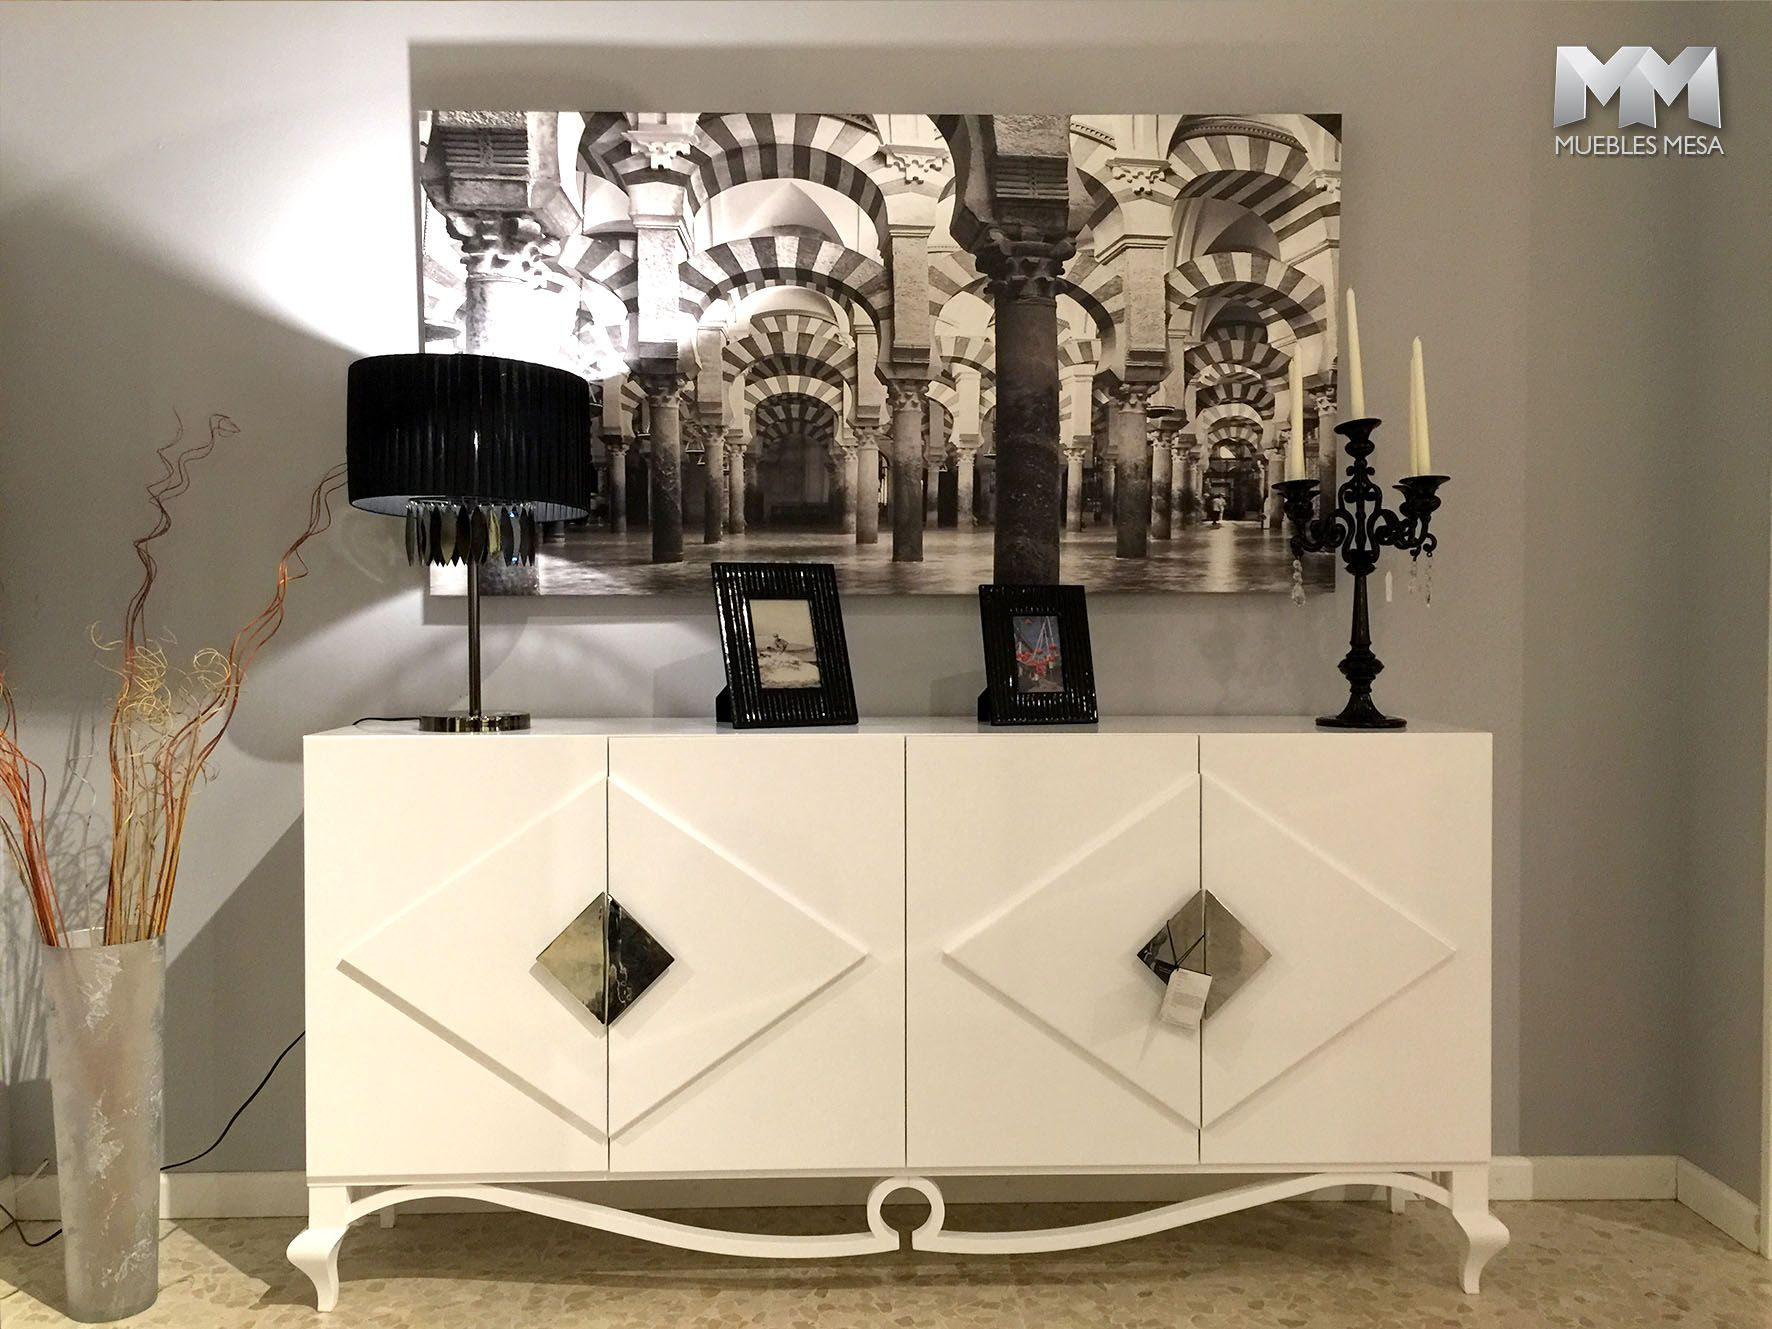 Muebles Franco Furniture En La Exposici N De Muebles Mesa En  # Royal Door Muebles